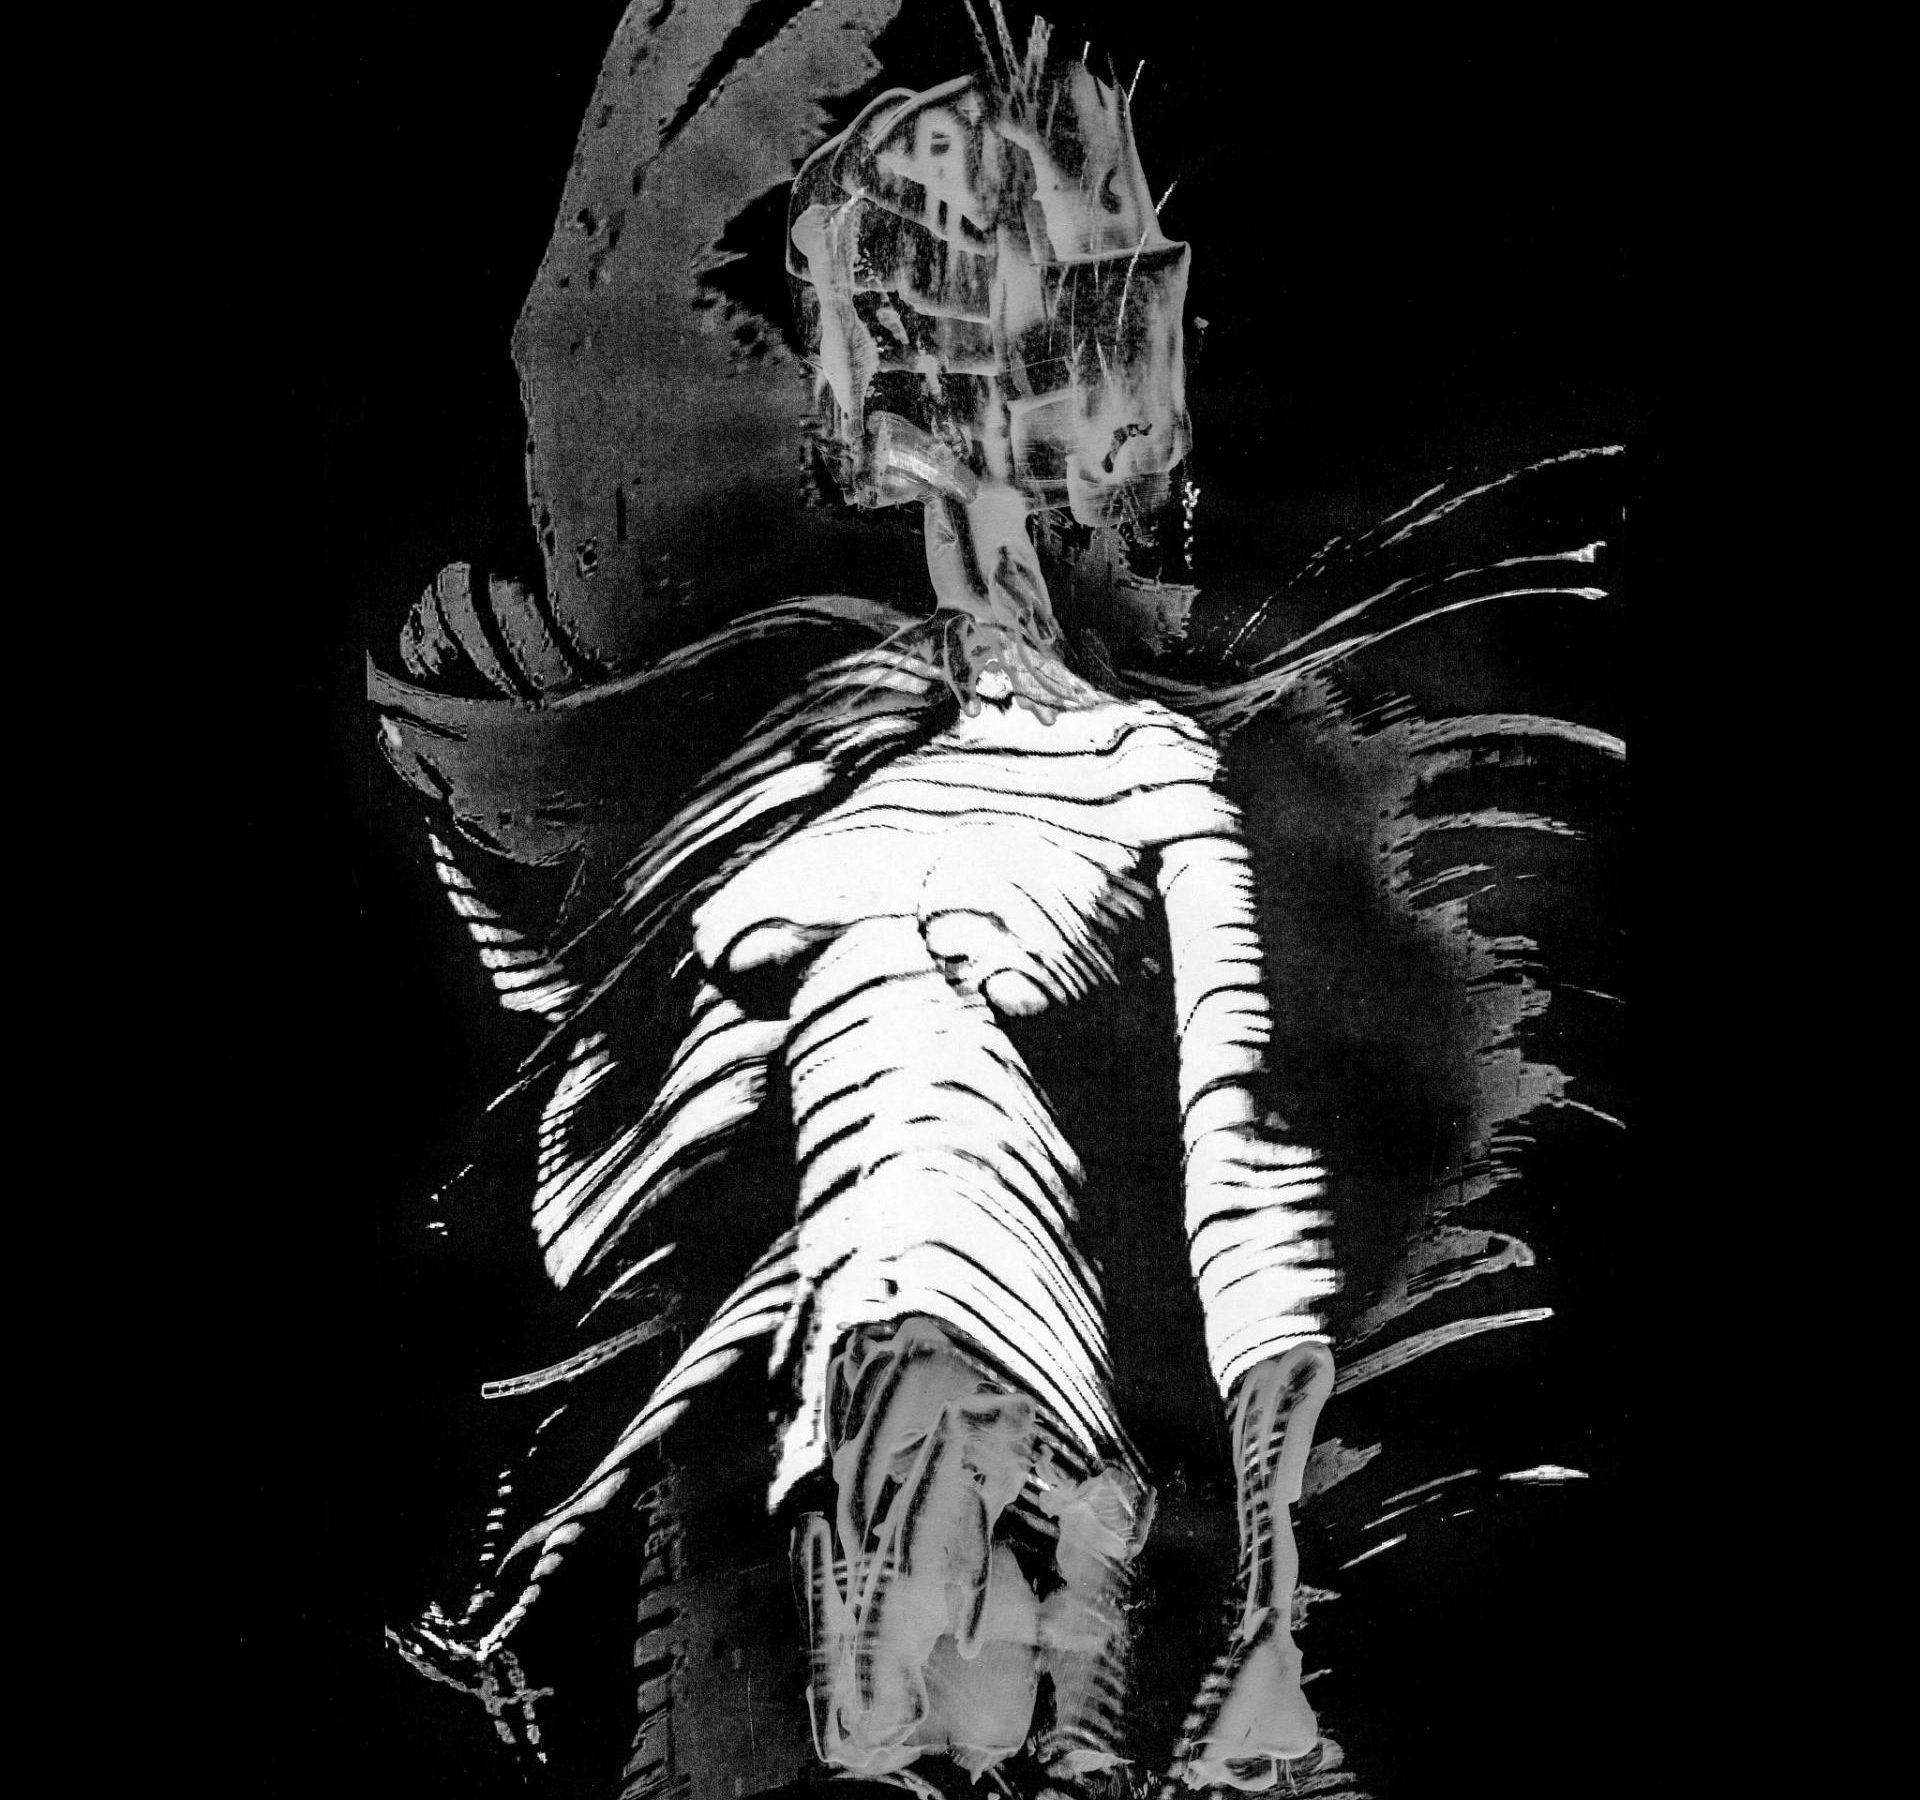 Volker Schütz - Ghosts